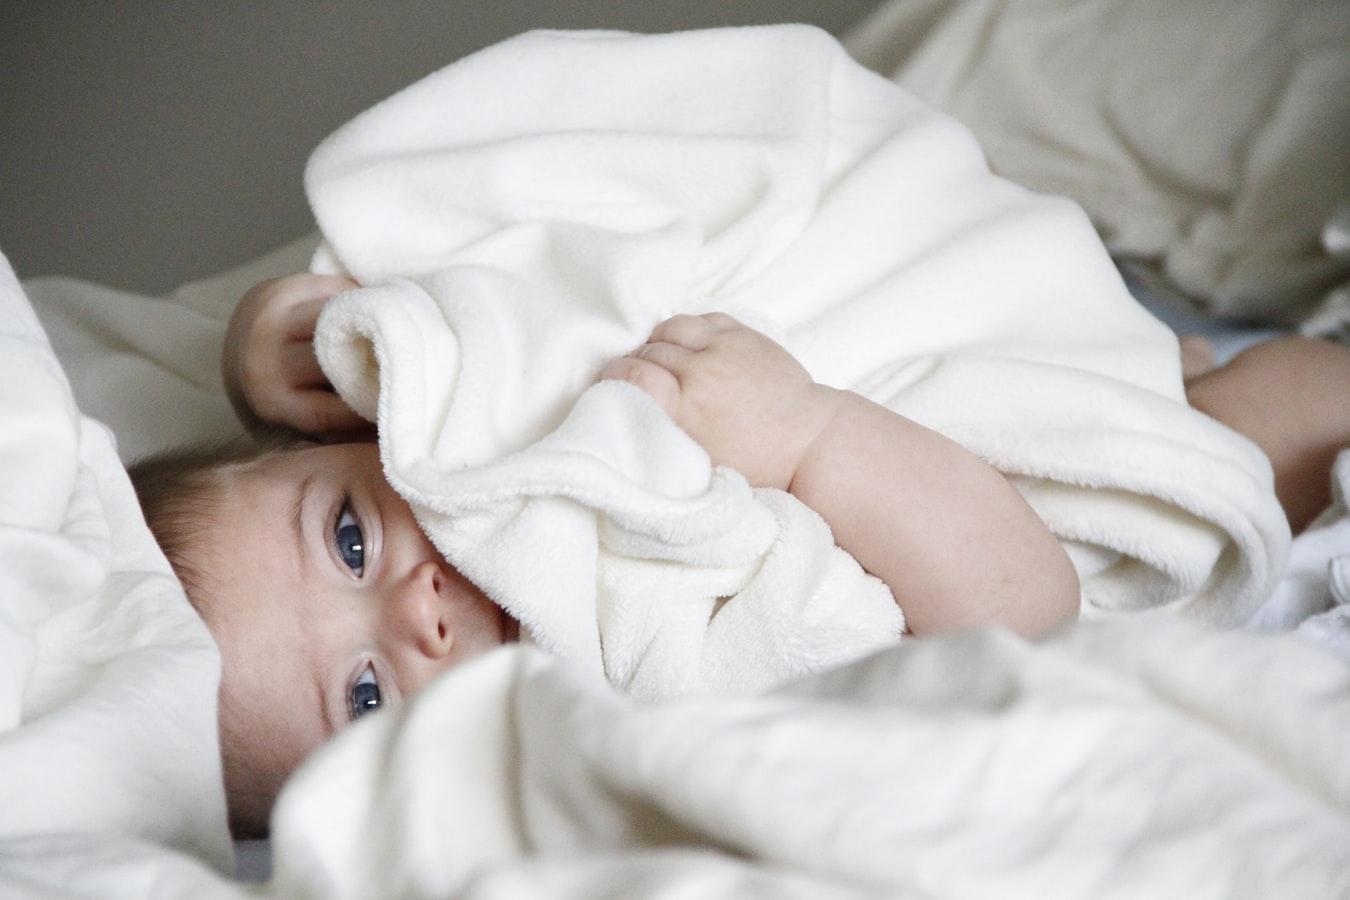 Biały katar u dziecka - co oznacza?